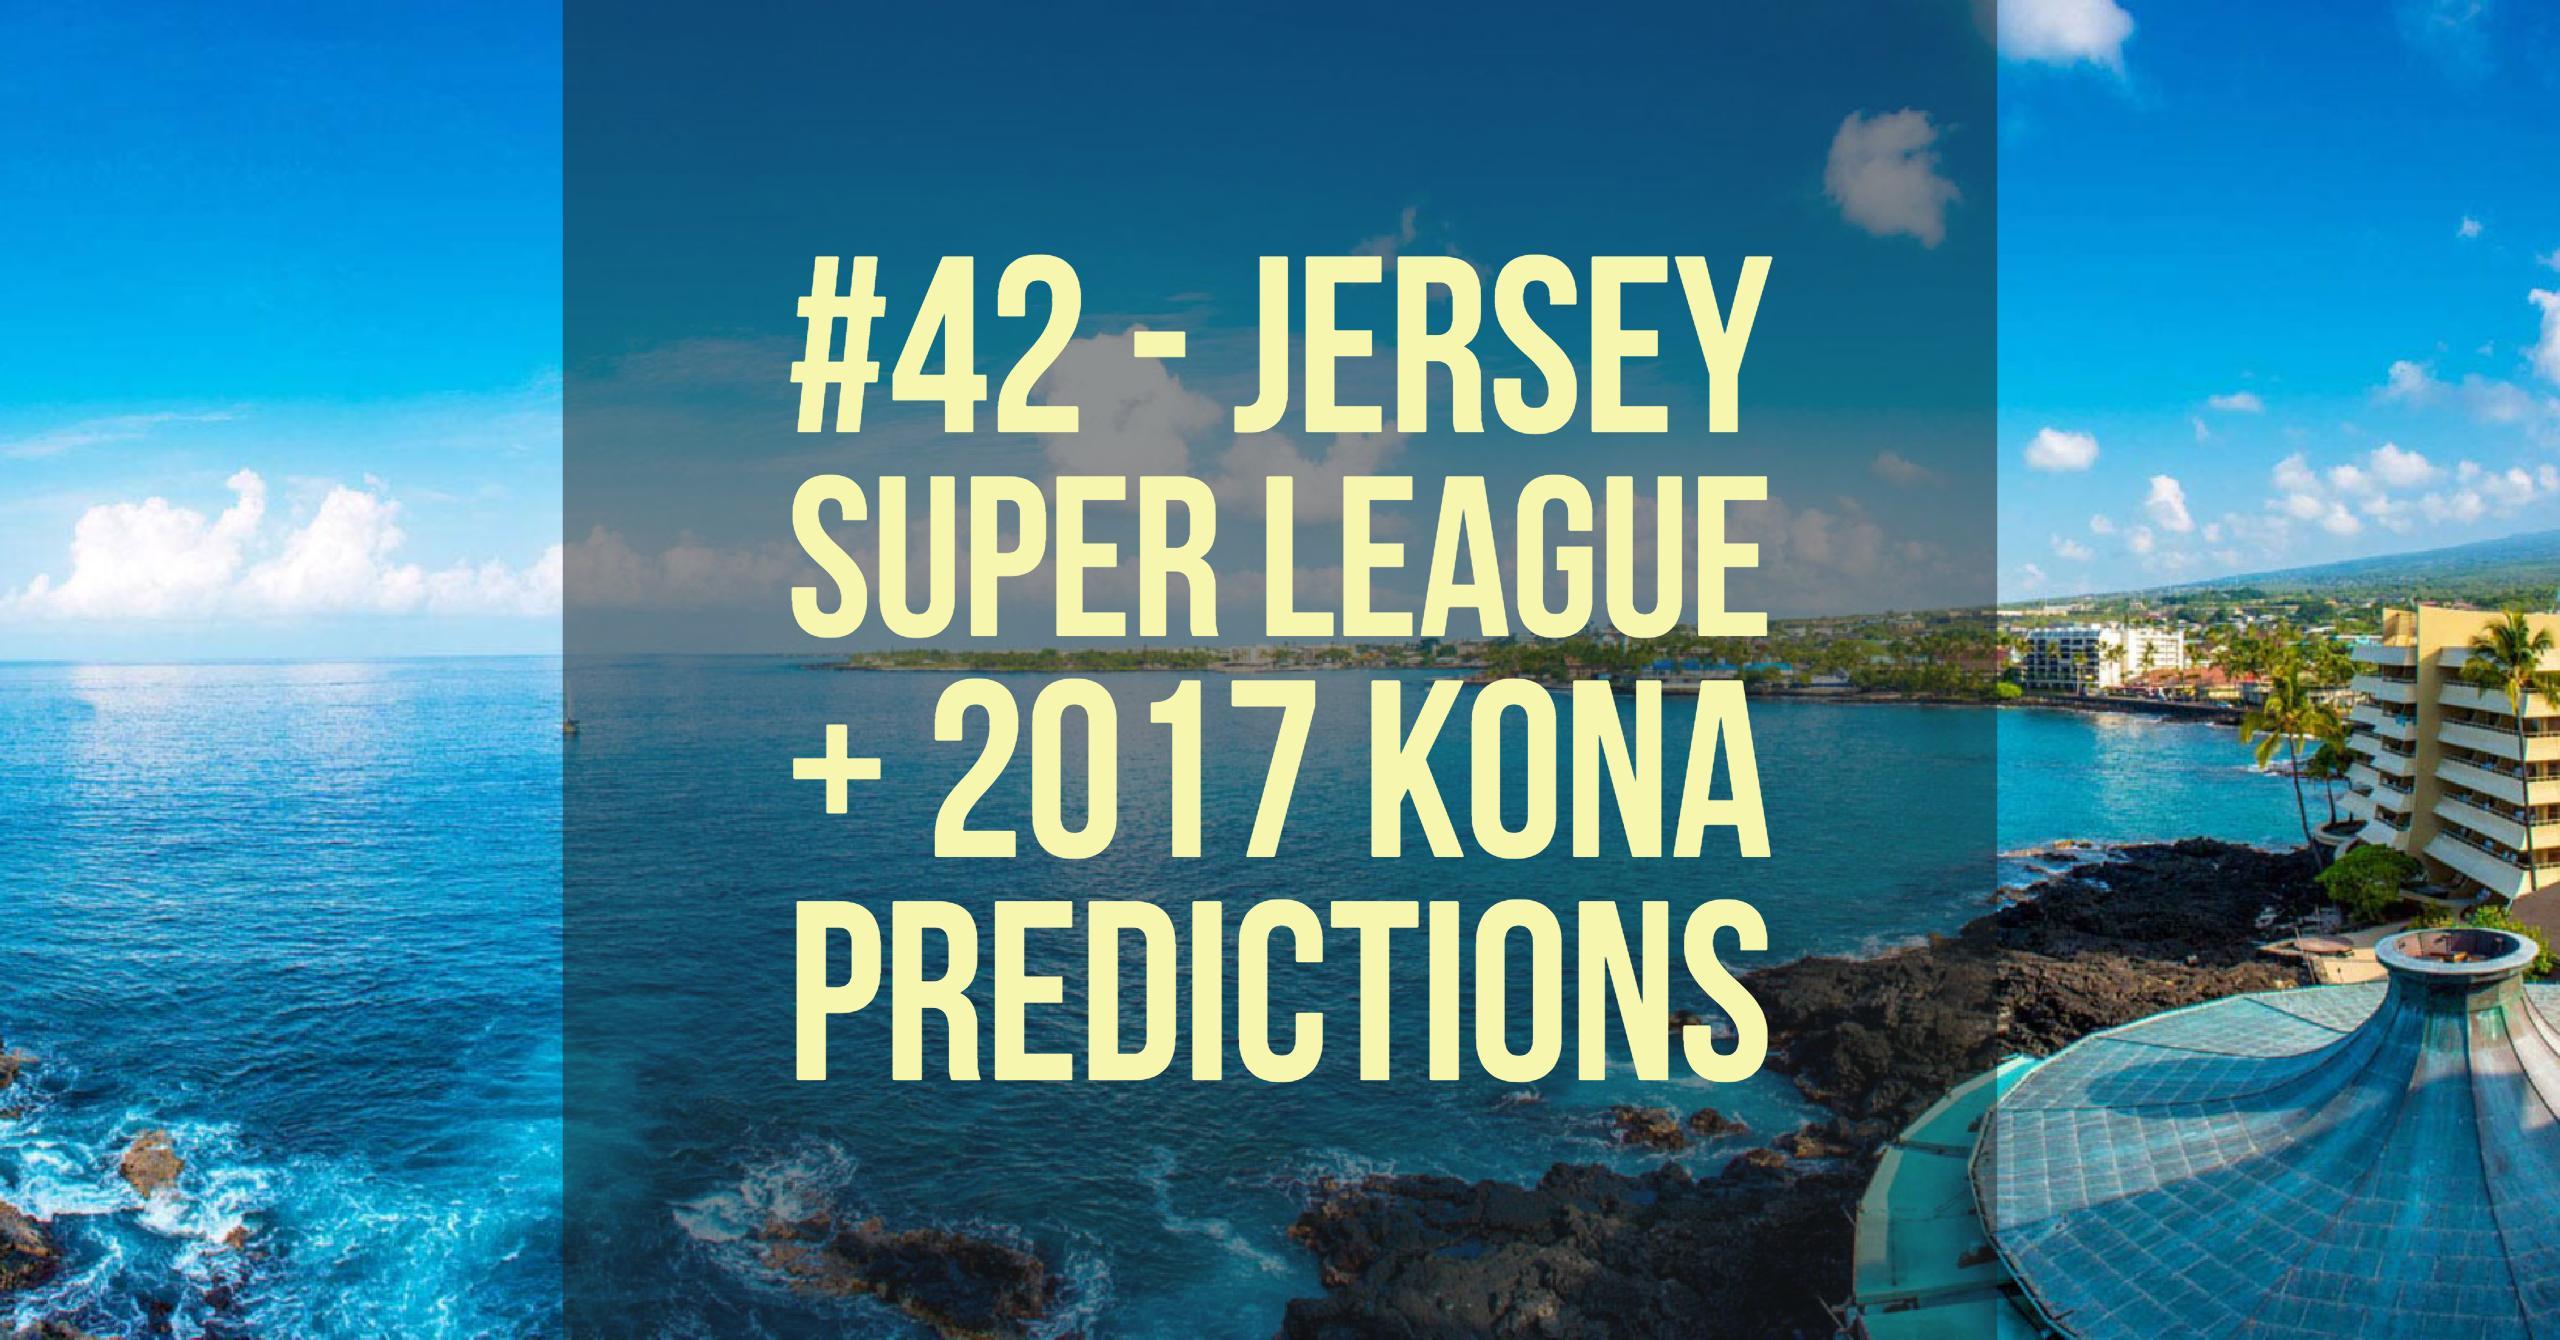 #42 - Jersey Super League + 2017 Kona Predictions